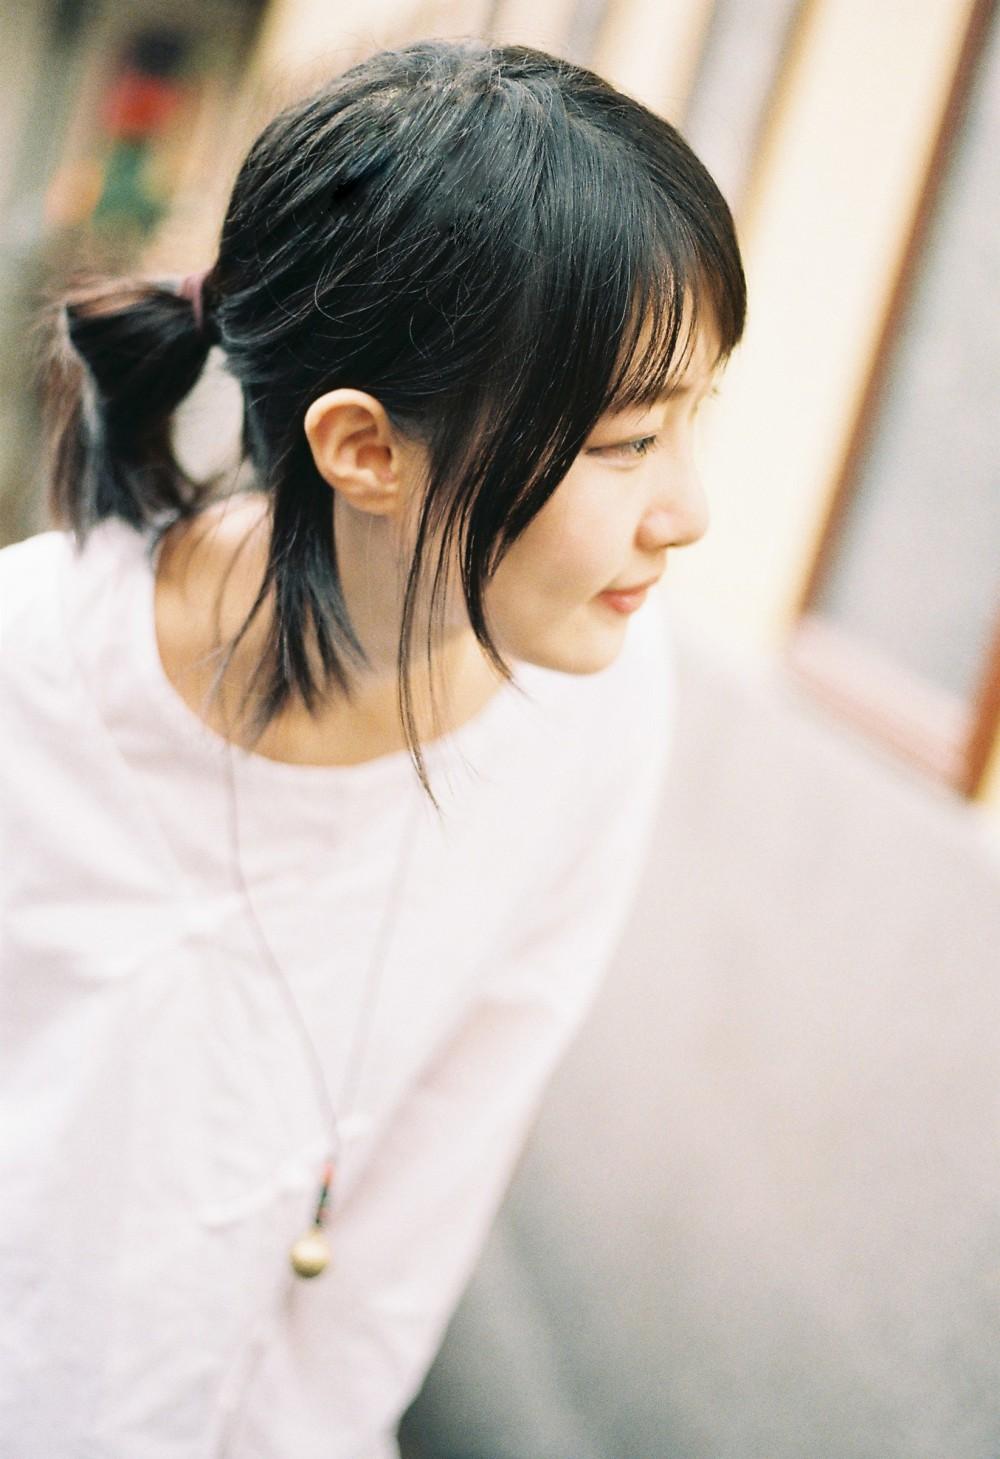 落地生花 @啊小喜-菲林中文-独立胶片摄影门户!